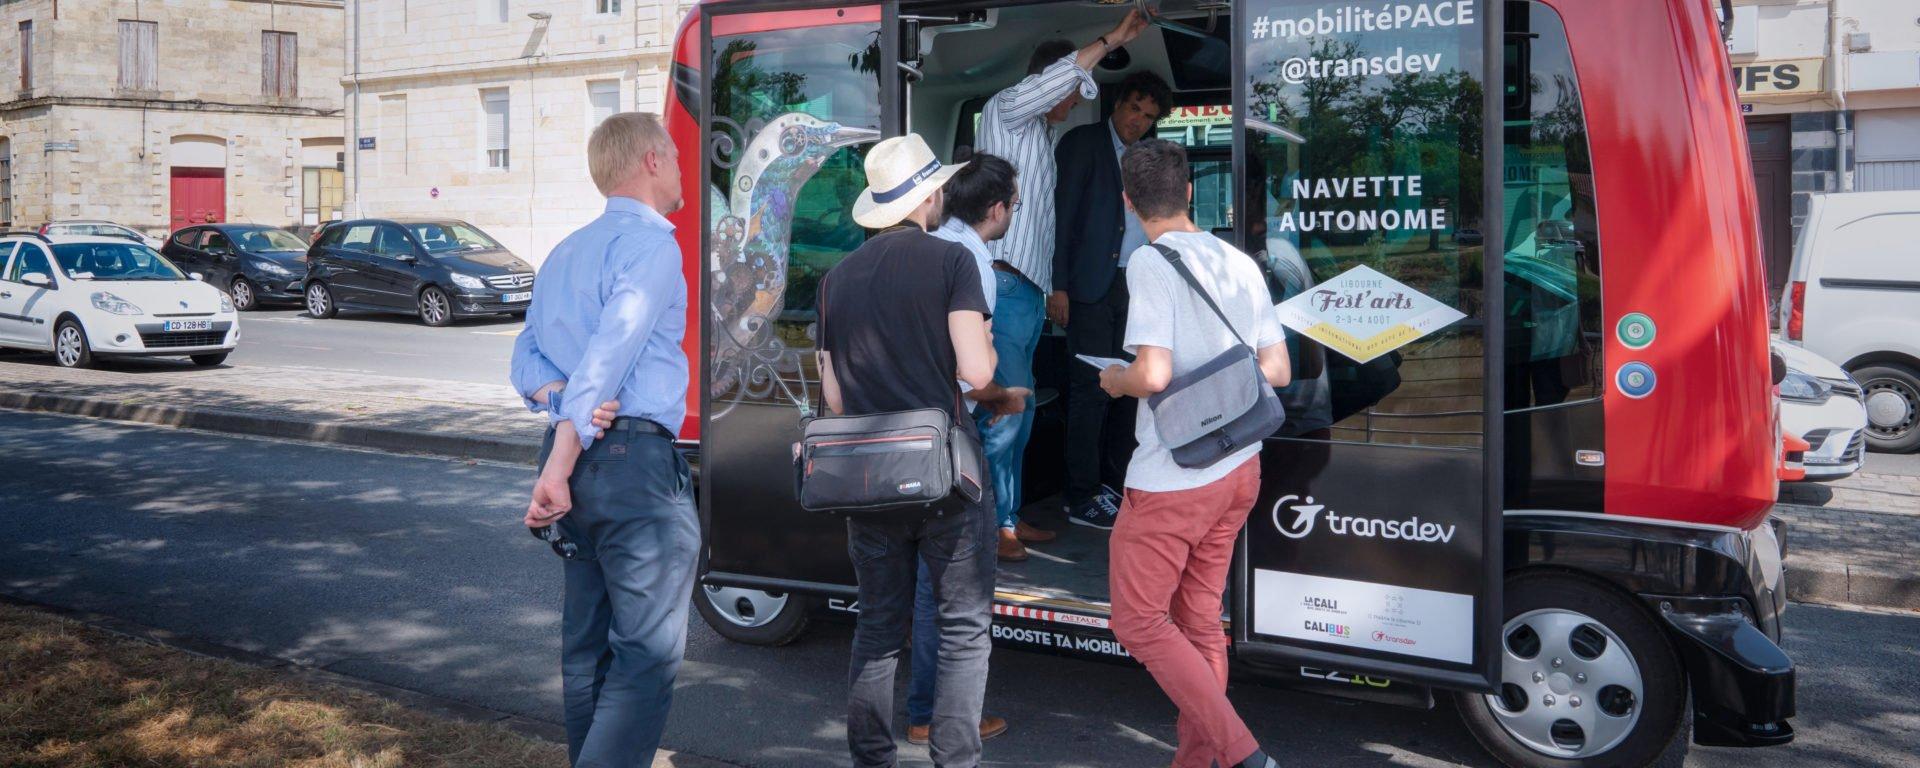 Service de transport autonome festival Fest'arts